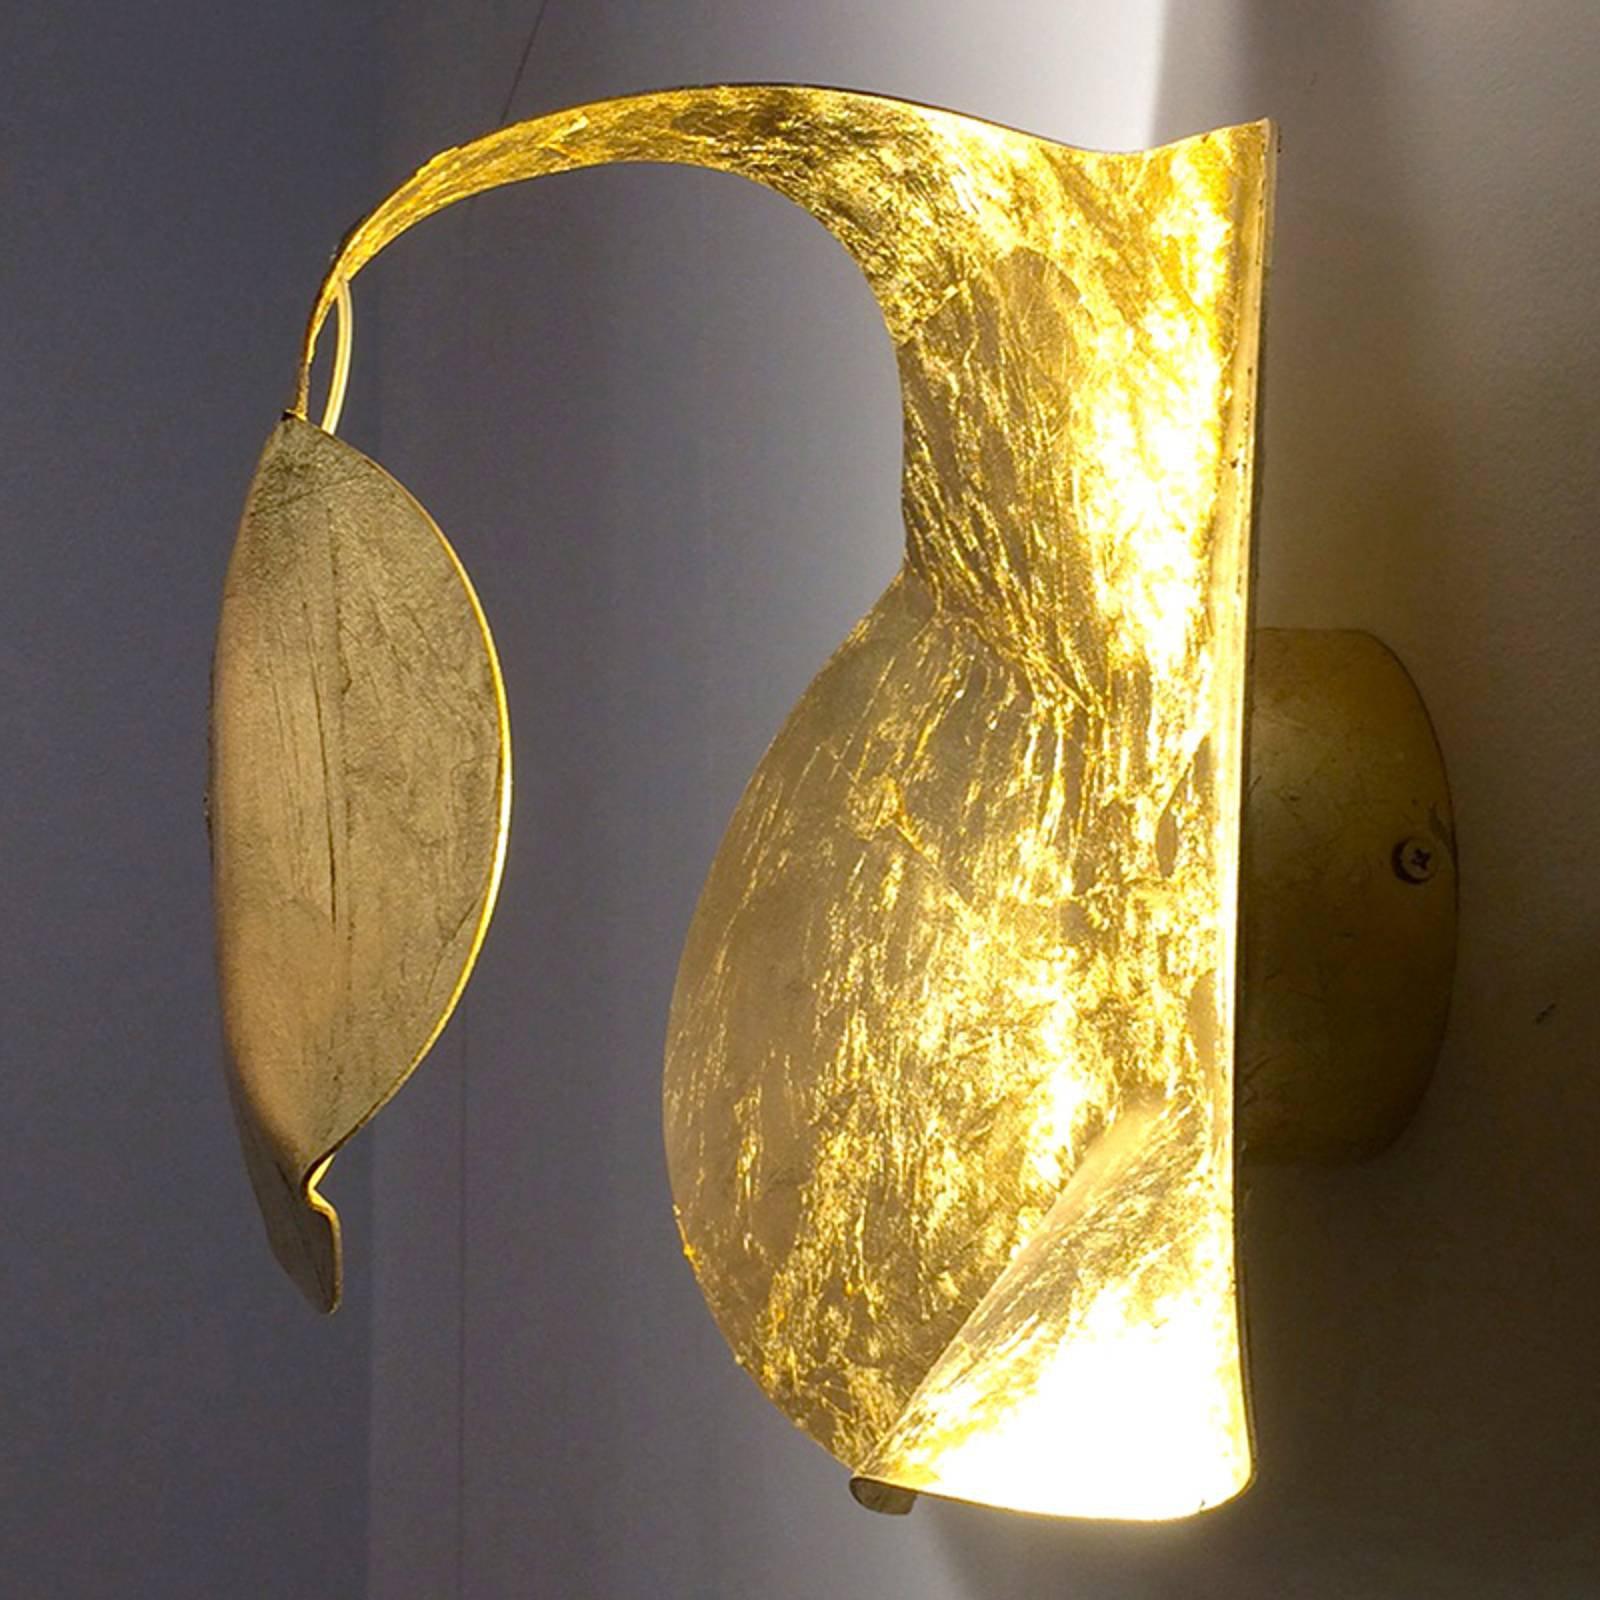 Knikerboker Gi.Gi LED-designer-vegglampe, gull